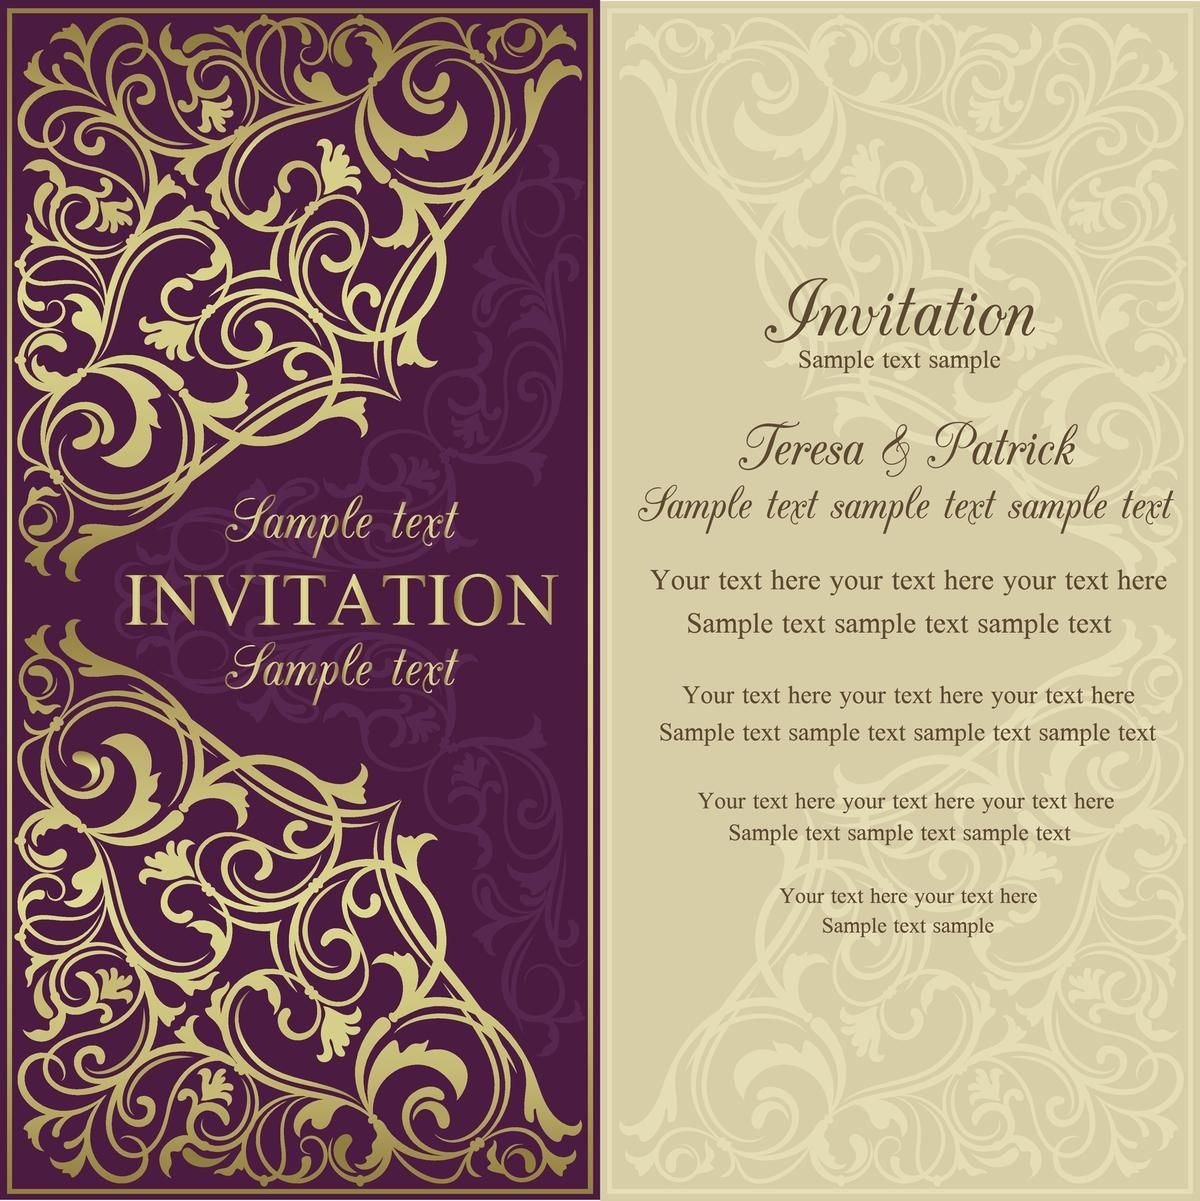 Invitation Letter Sample Penlighten in 2020 Wedding